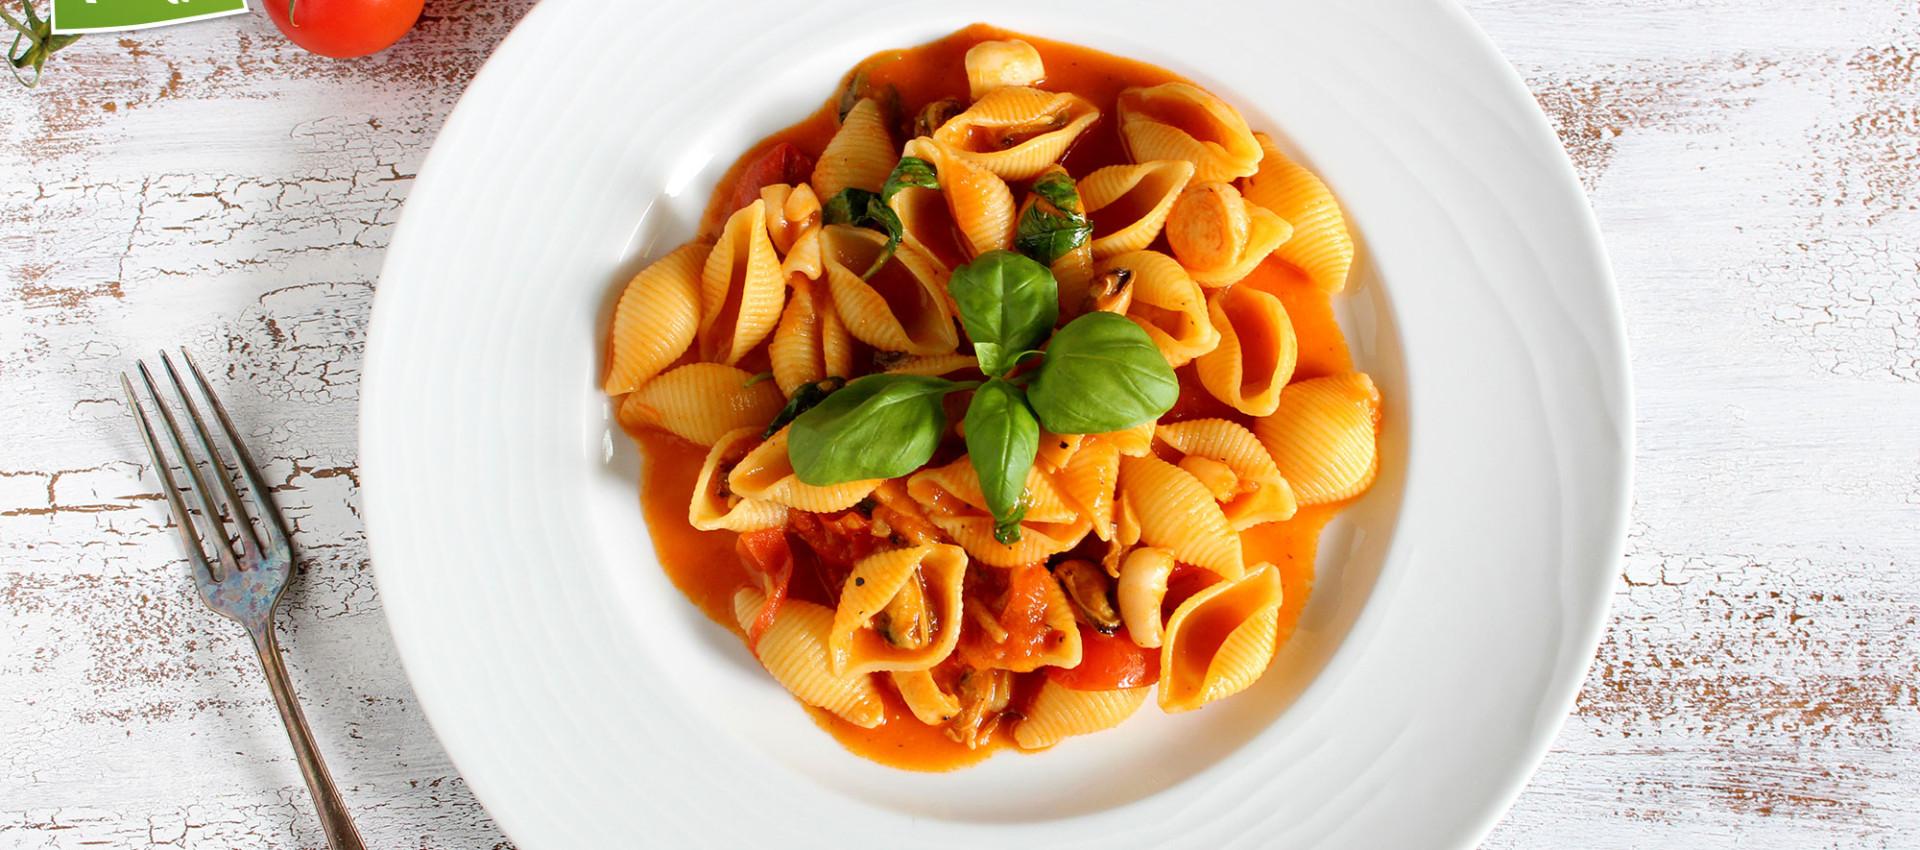 Pasta mit Meeresfrüchten von Kochbock.de